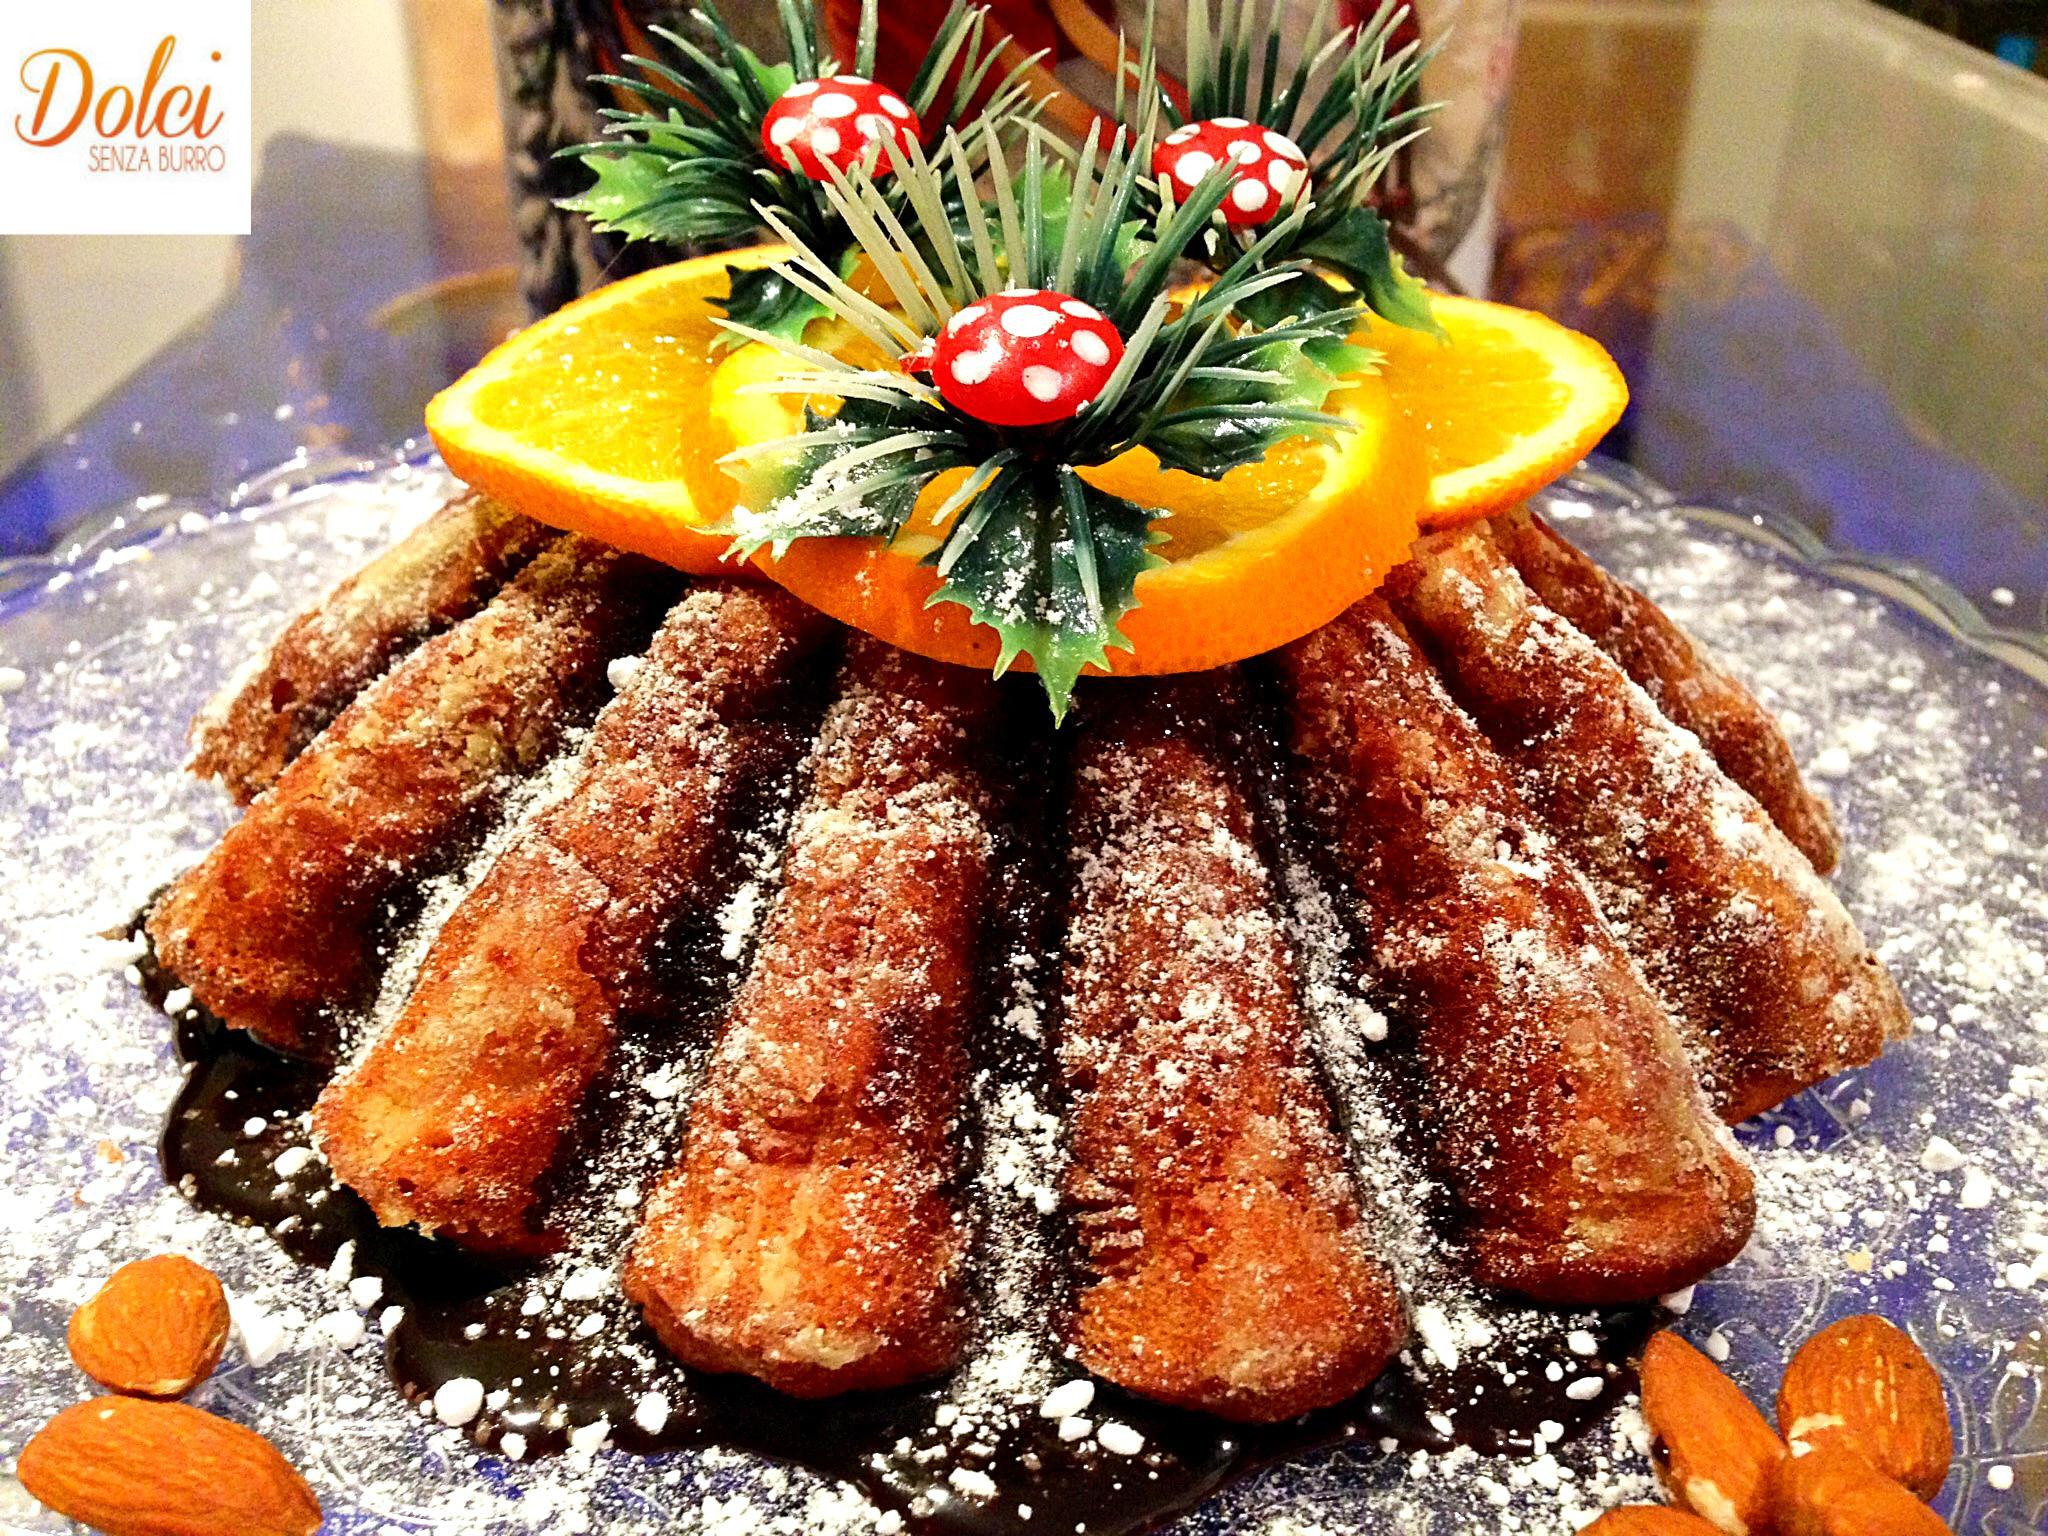 Torta Arancia e Mandorle Senza Burro, il dolce facile ma goloso di dolci senza burro